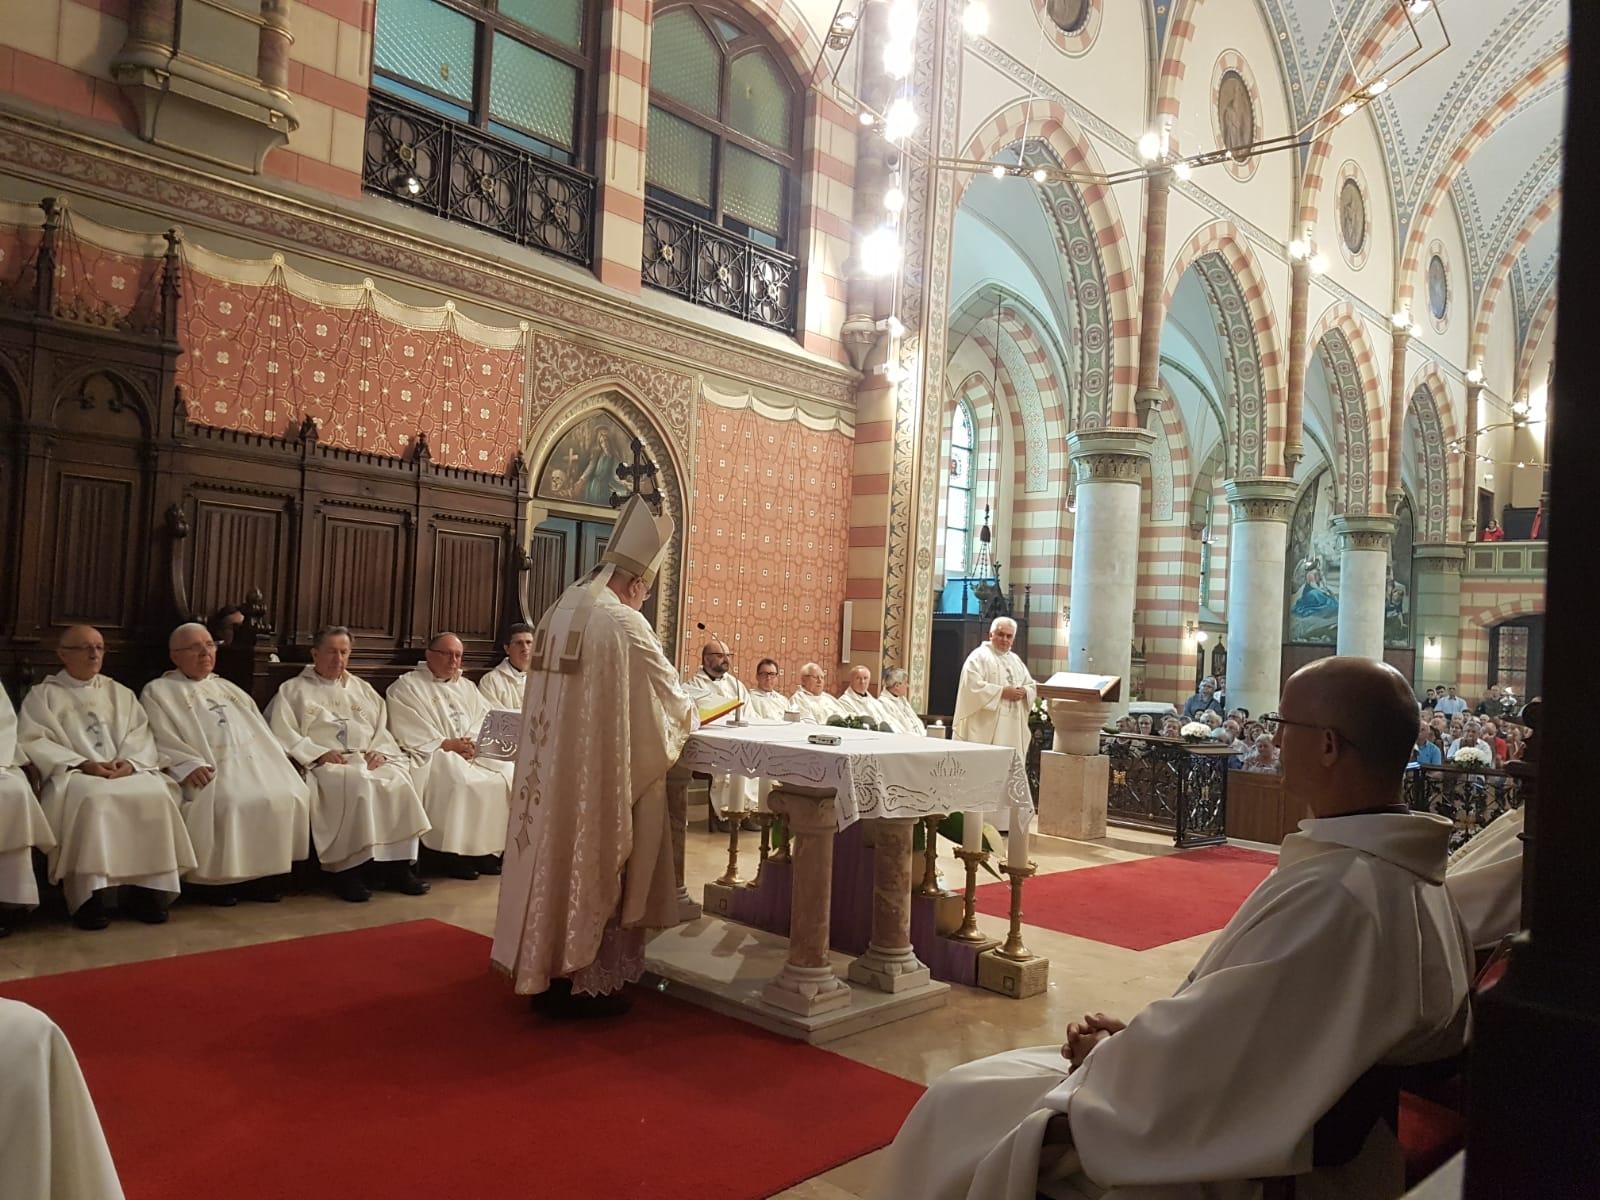 Kard. Dziwisz: Pontyfikat św. Jana Pawła II został naznaczony cierpieniem Sarajewa i jego mieszkańców w czasie krwawego zbrojnego konfliktu na Bałkanach.